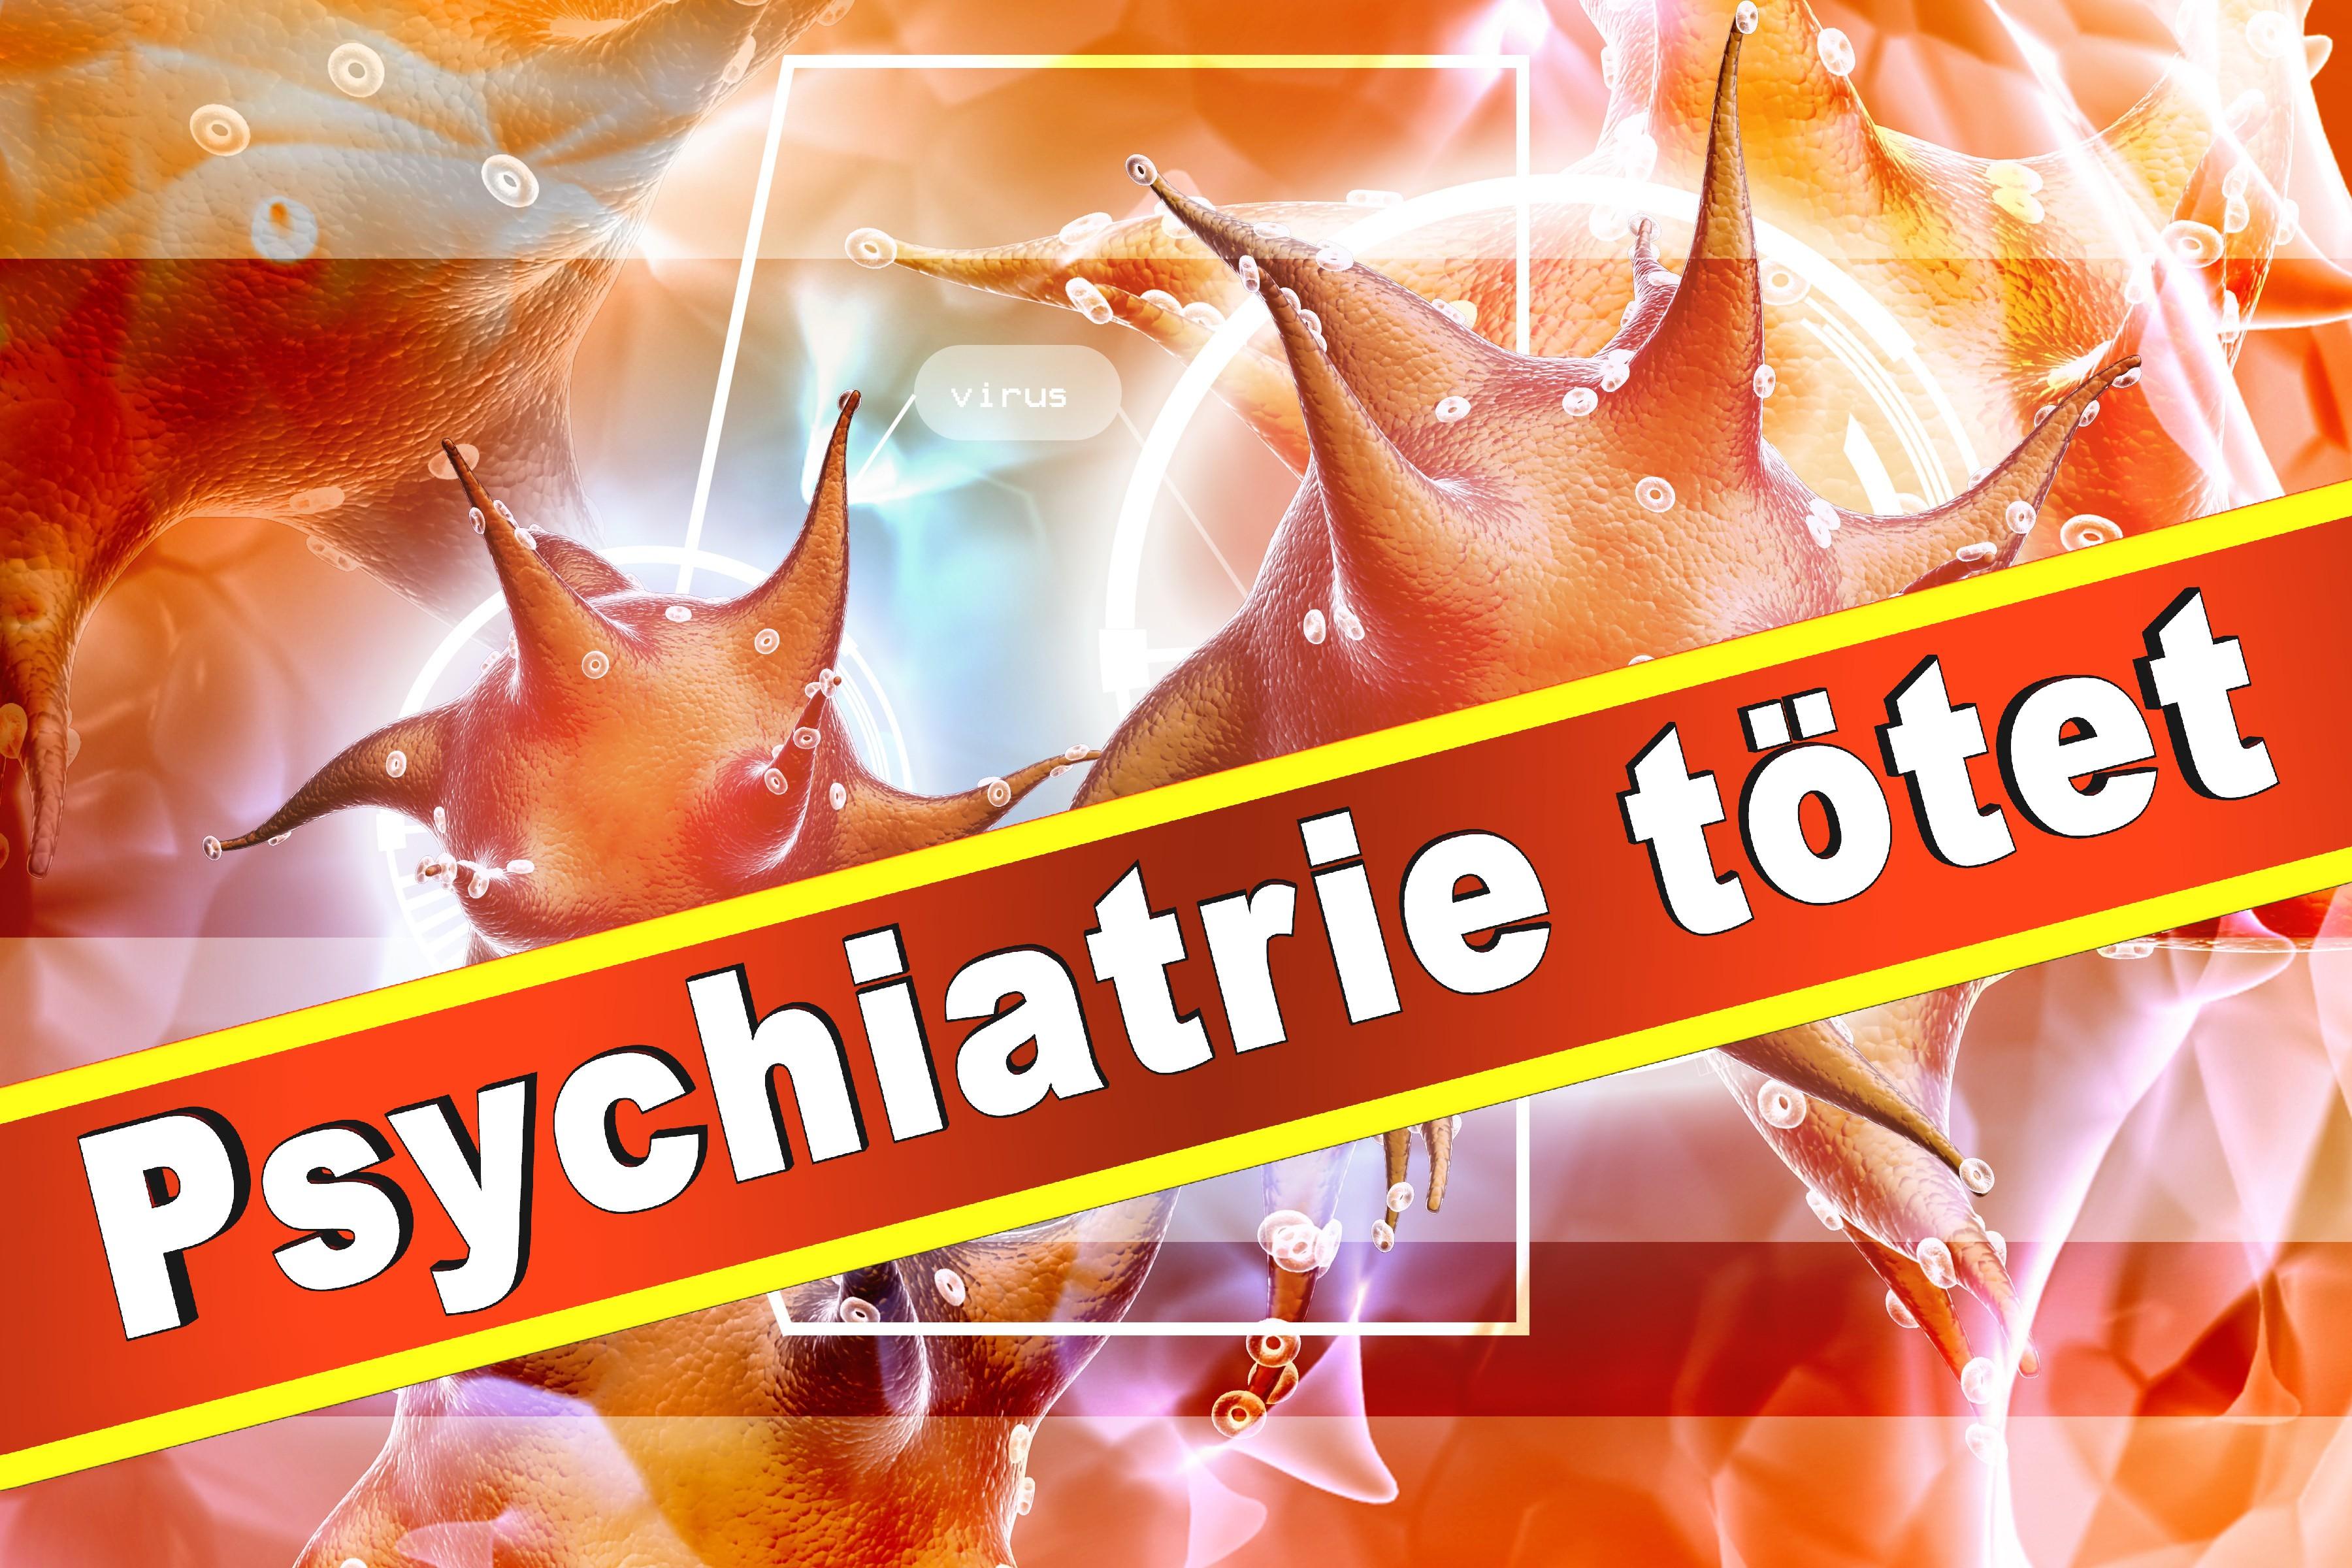 Wielant Machleidt Psychiater Psychotherapeut Professor Praxis Der Interkulturellen Psychiatrie Und Psychotherapie Medizinische Hochschule Hannover Klinik Für Psychiatrie Sozialpsychiatrie (19)